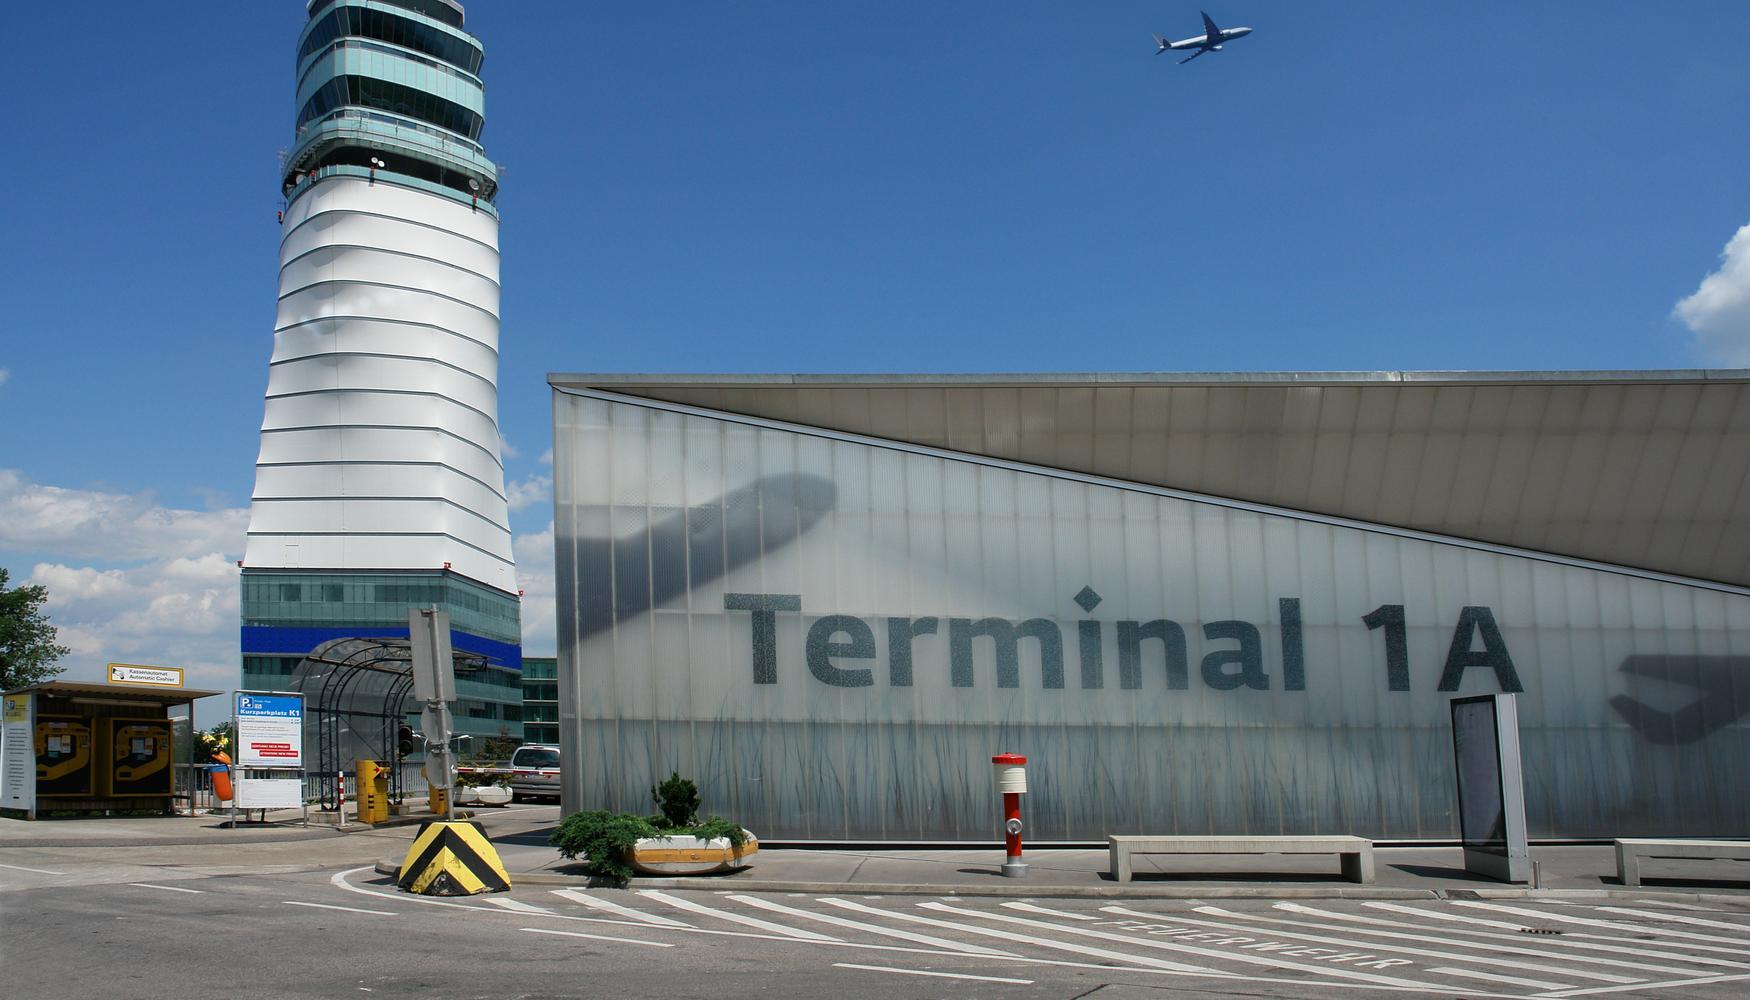 维也纳国际机场的租车